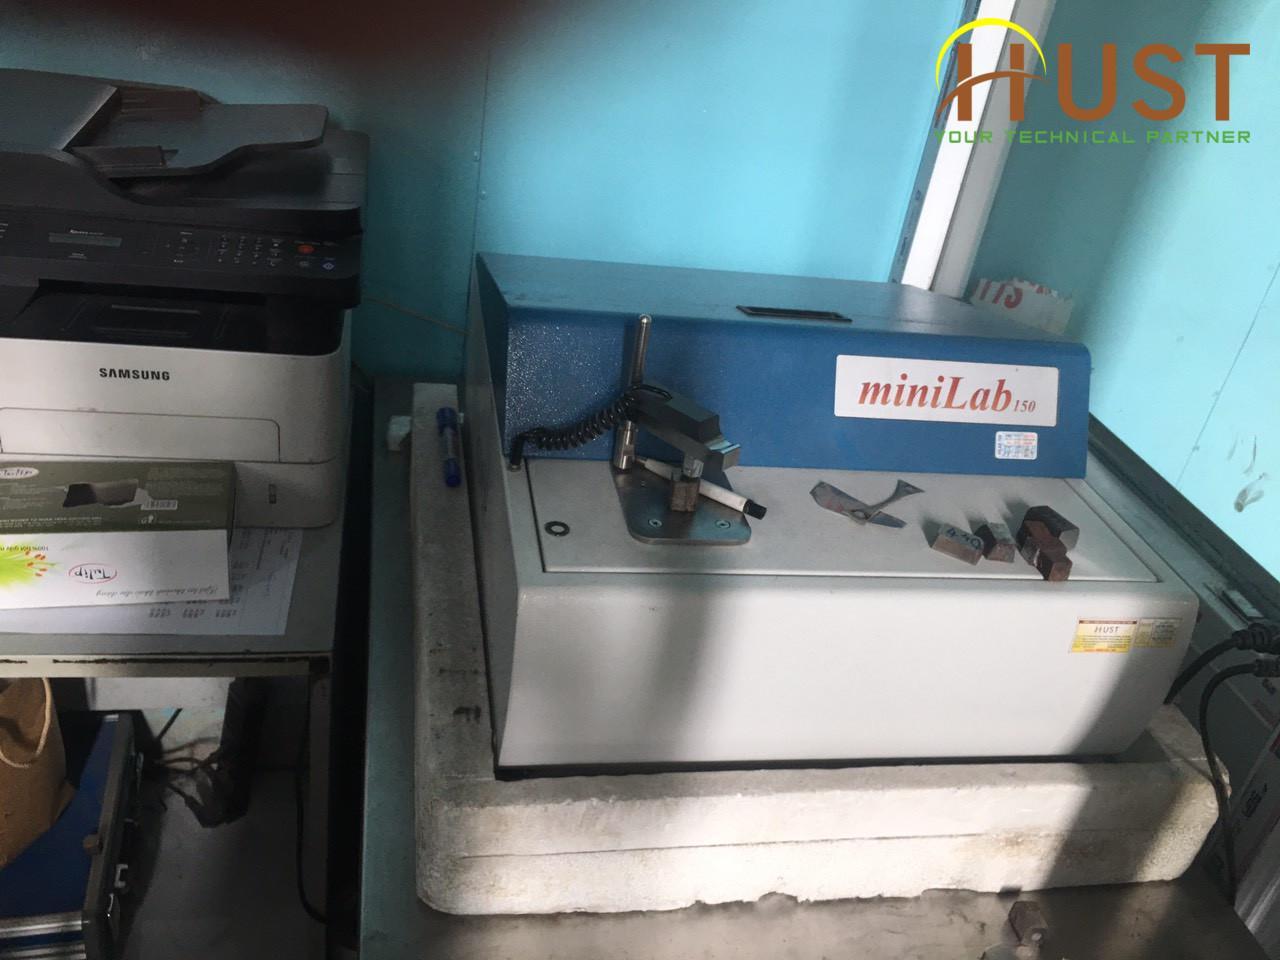 Hiệu chuẩn, bảo dưỡng định kì cho máy quang phổ phát xạ OES cho công ty cổ phần sản xuất Kim Thịnh